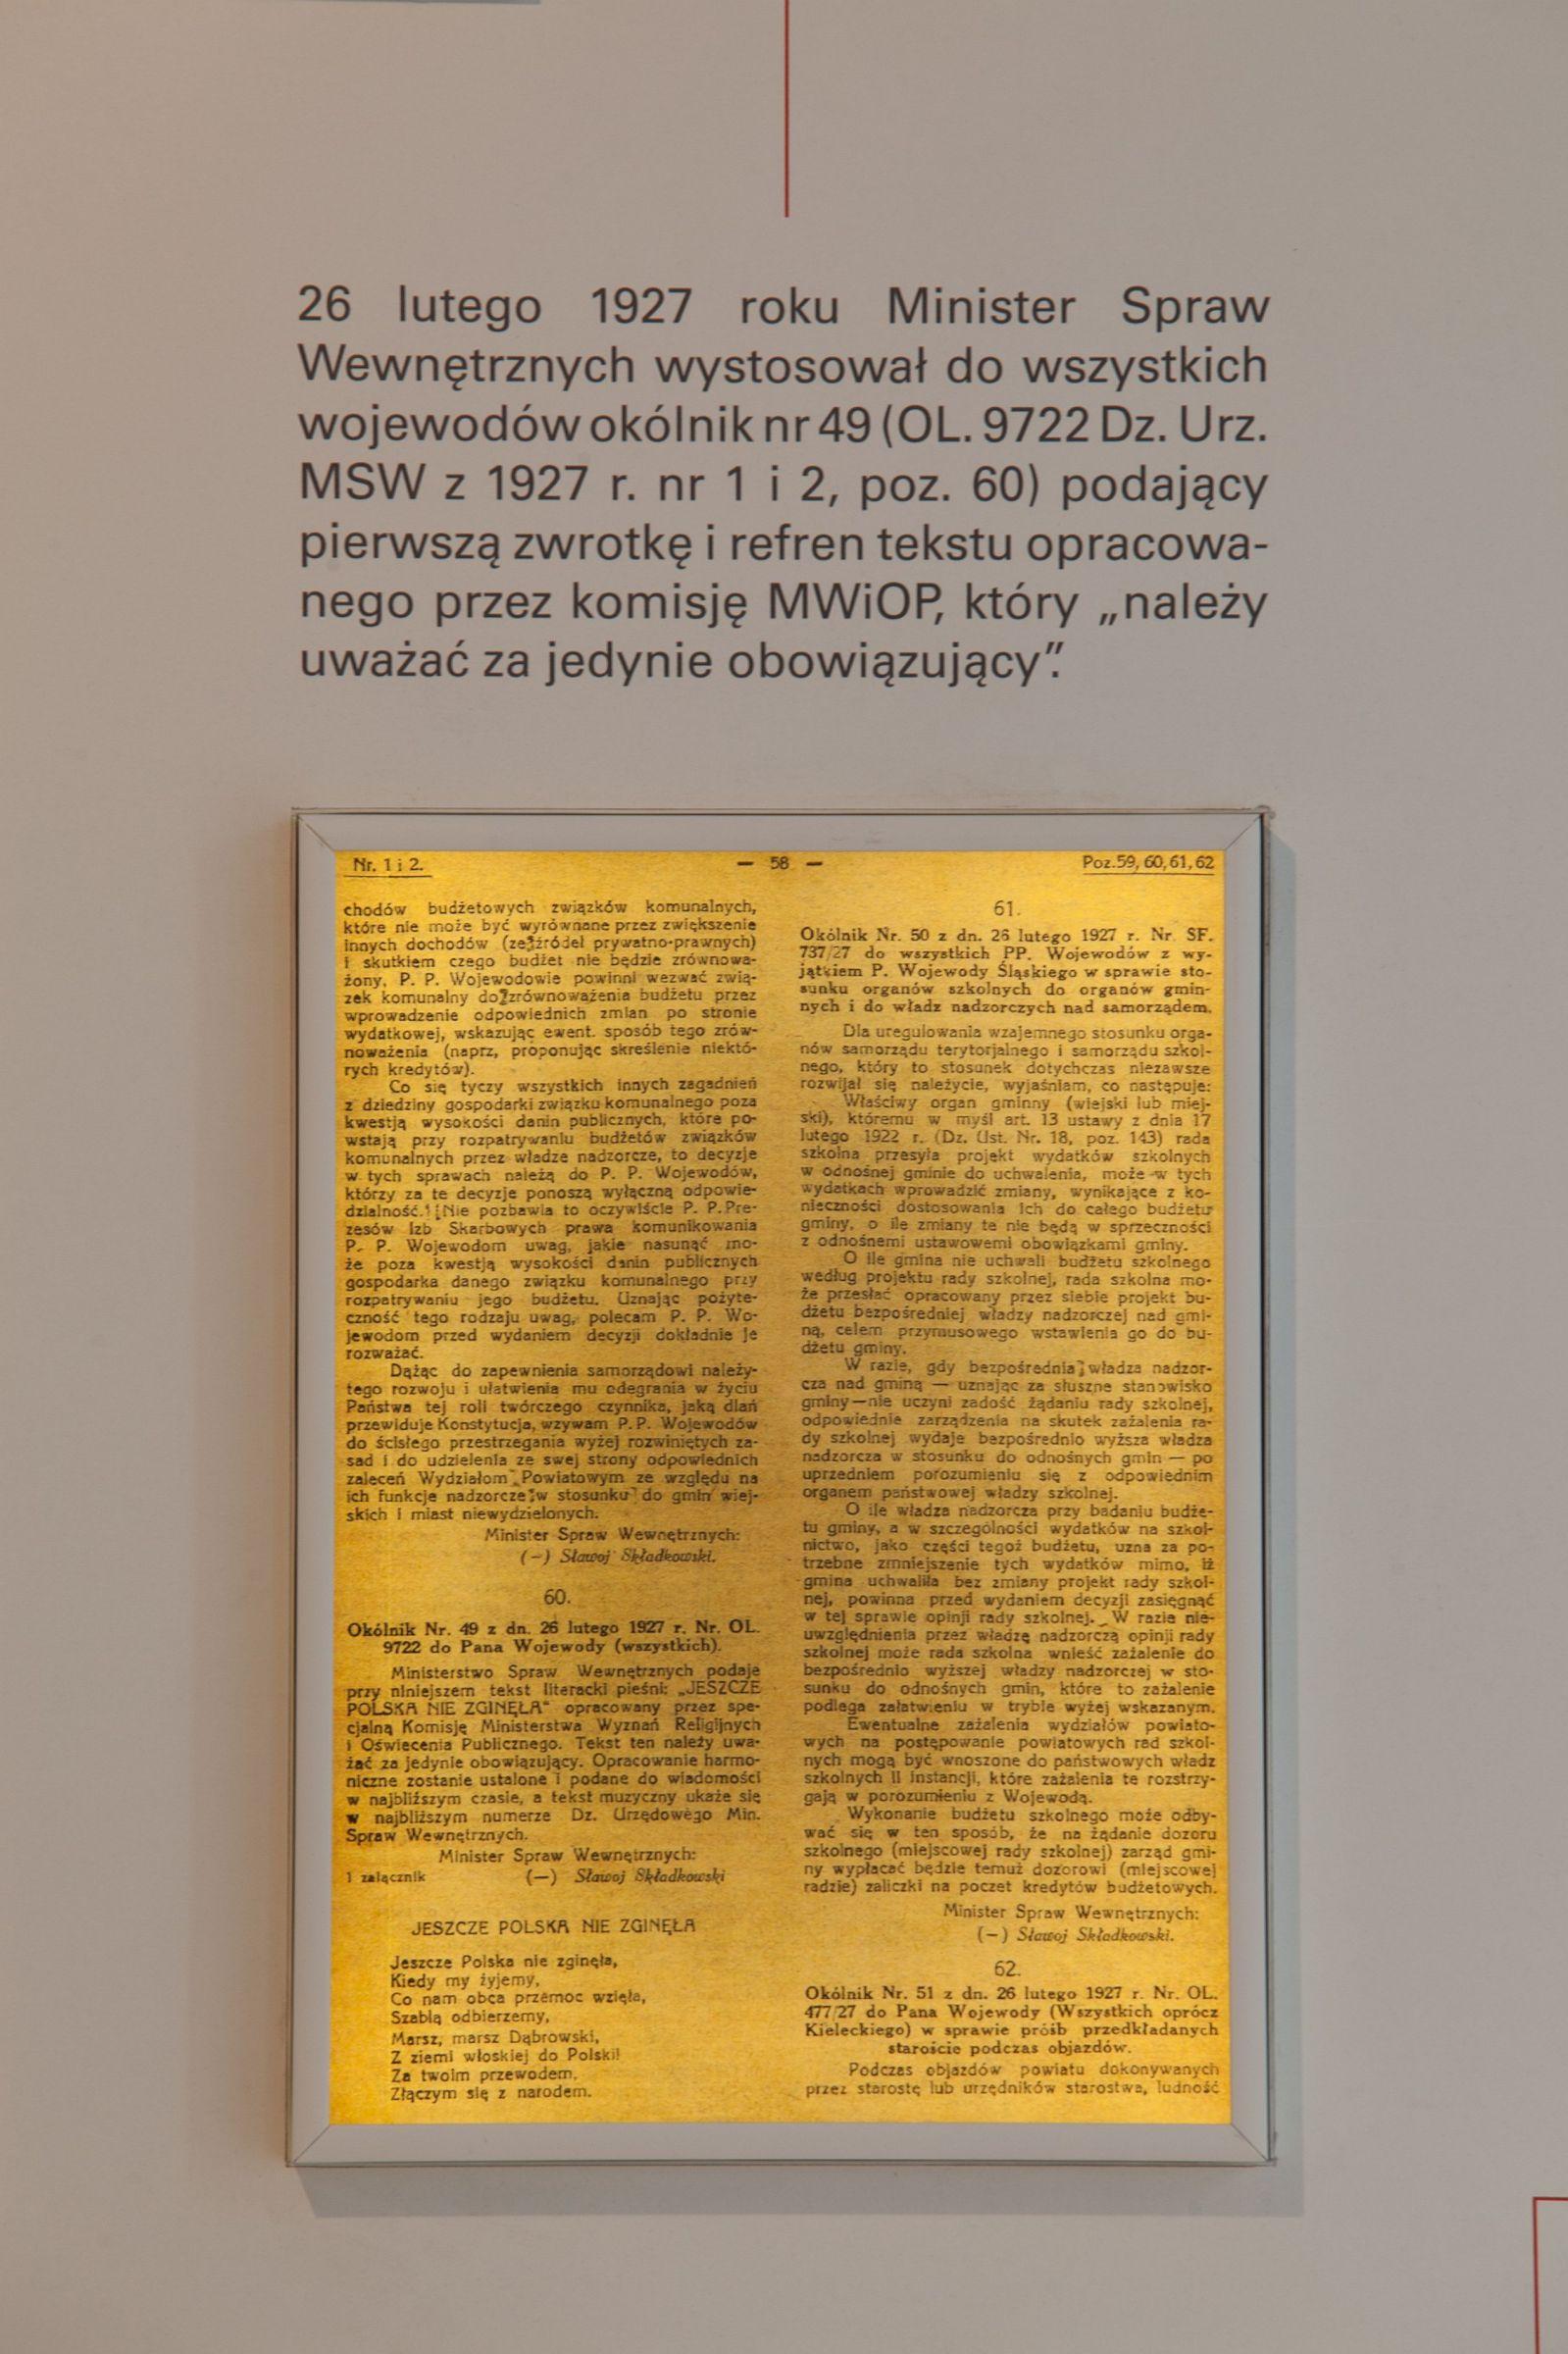 Okólnik MSW z 1927